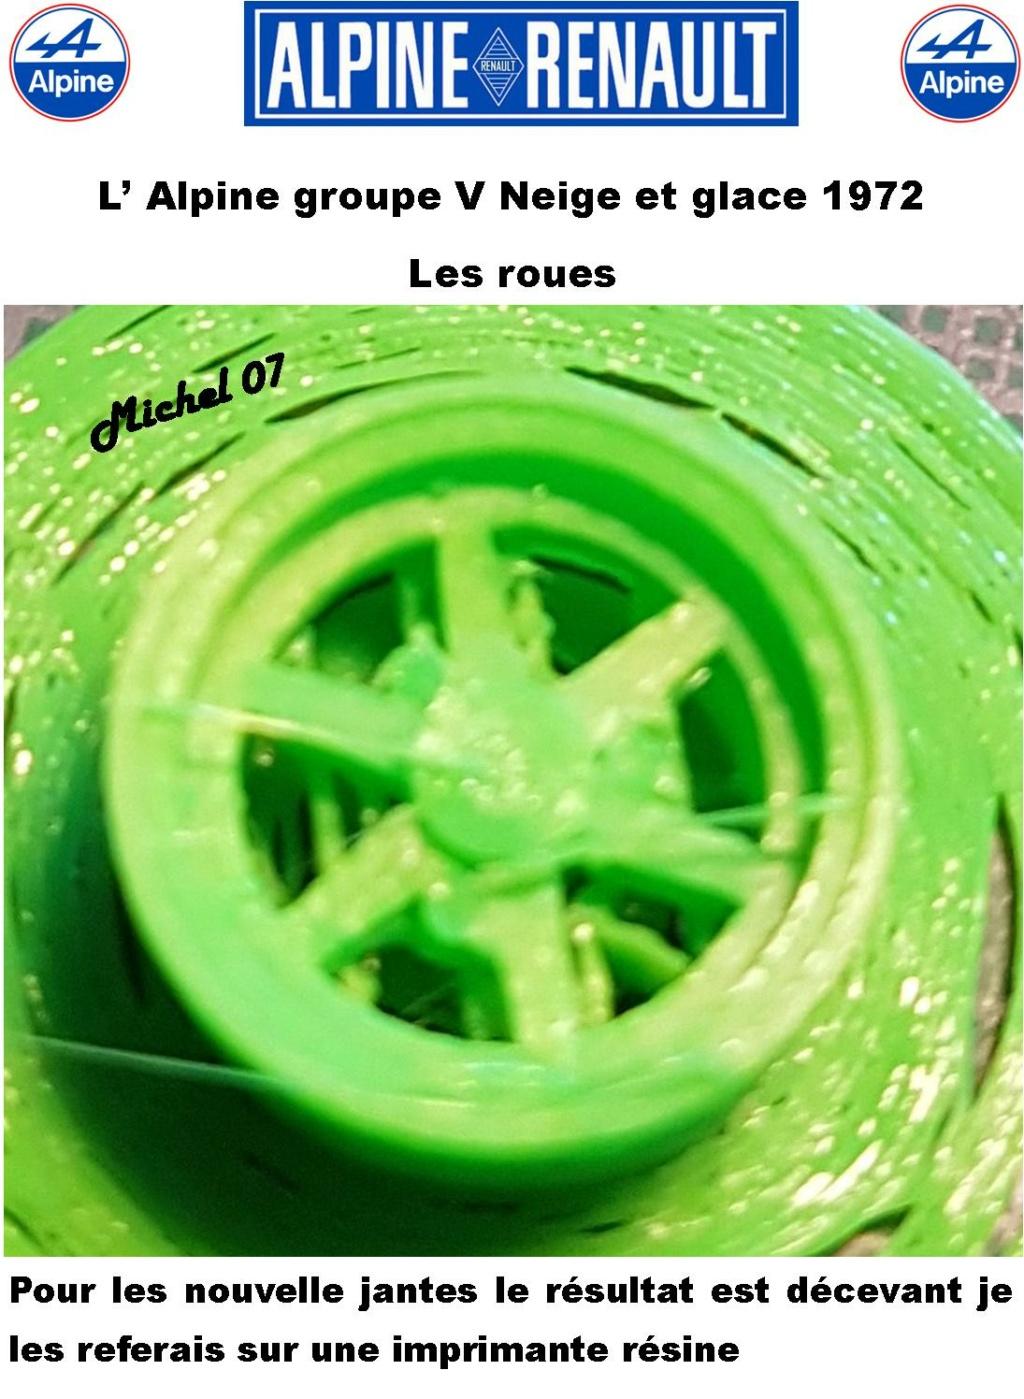 Fil rouge 2021 * Alpine A110 Groupe V Neige et glace 1972 1/24 Heller 80745 + scratch 1618